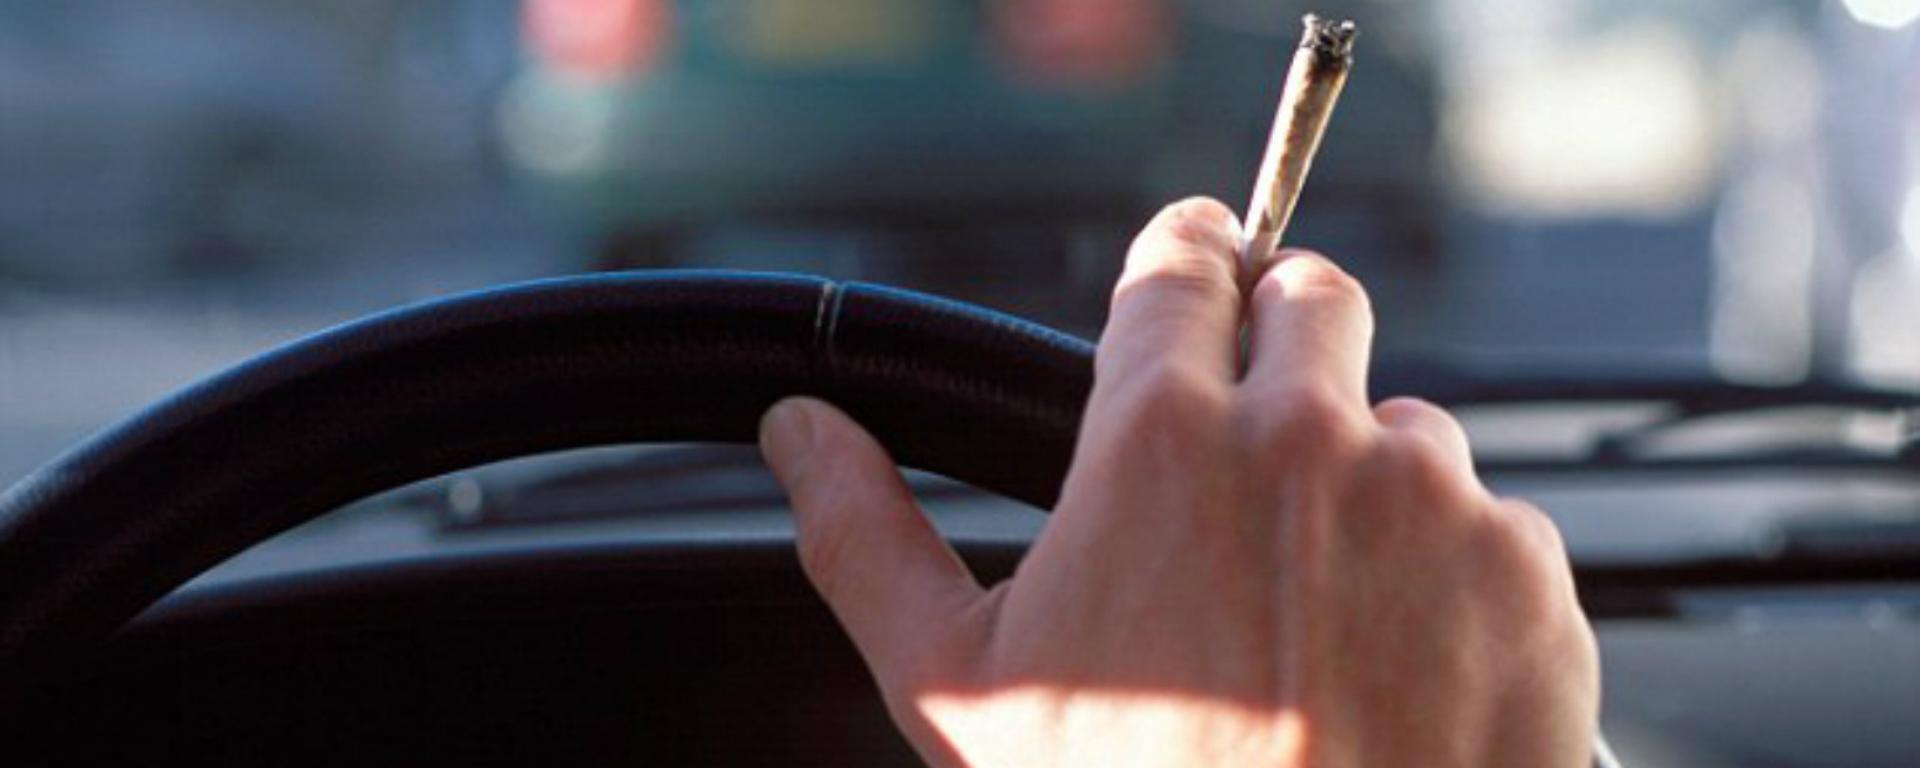 Guida sotto effetto della cannabis, fra tossicologia e giurisprudenza